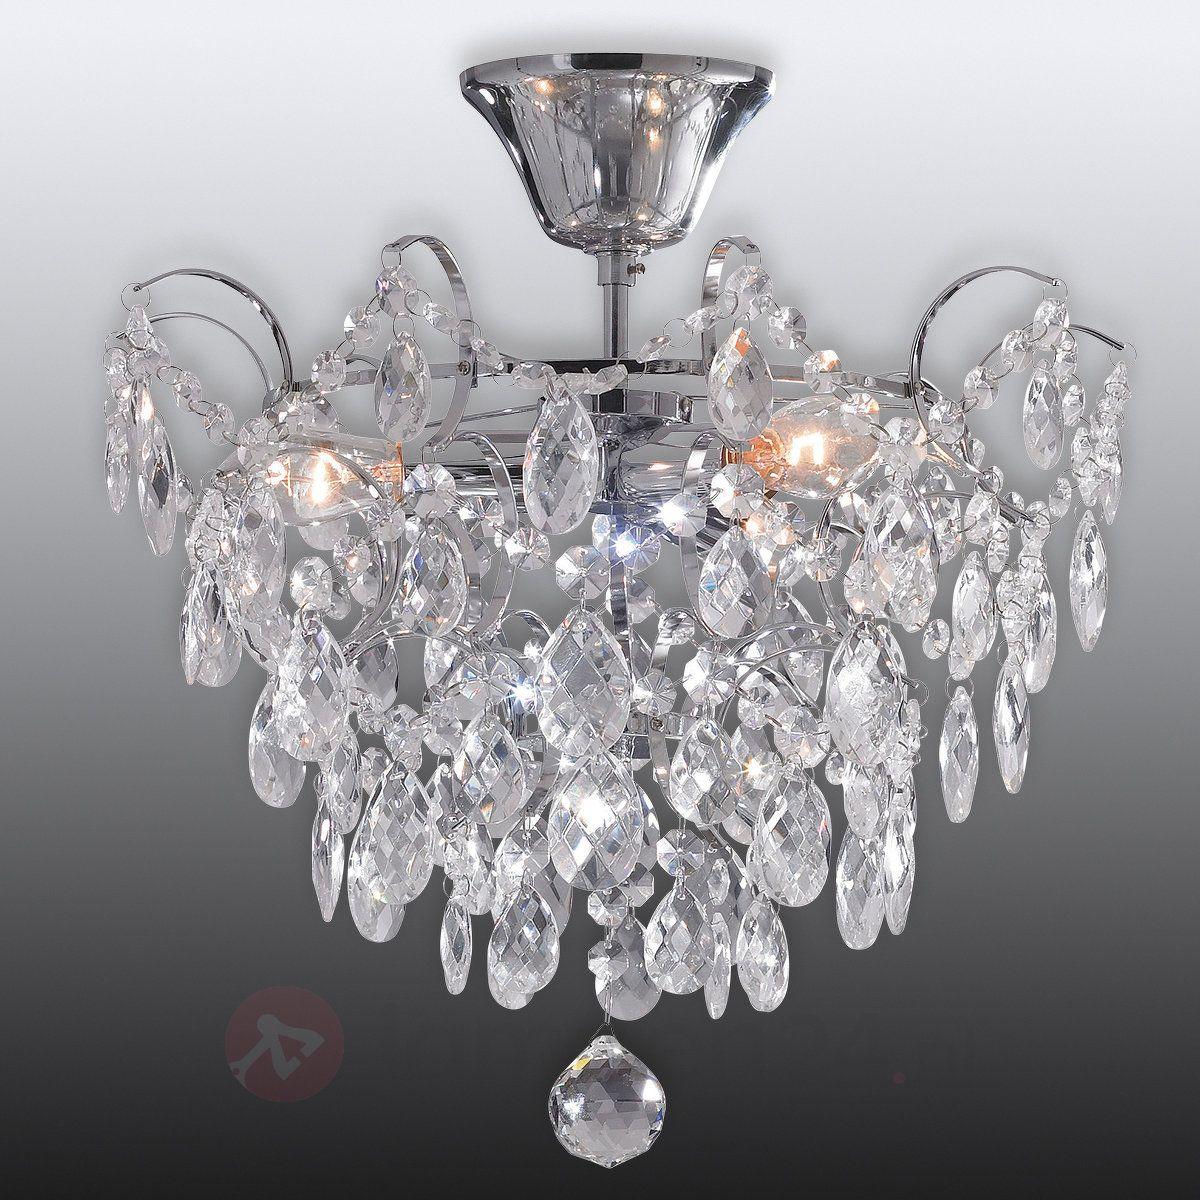 Plafondlamp Rosendal Ø 36 cm chroom | Plafondlamp